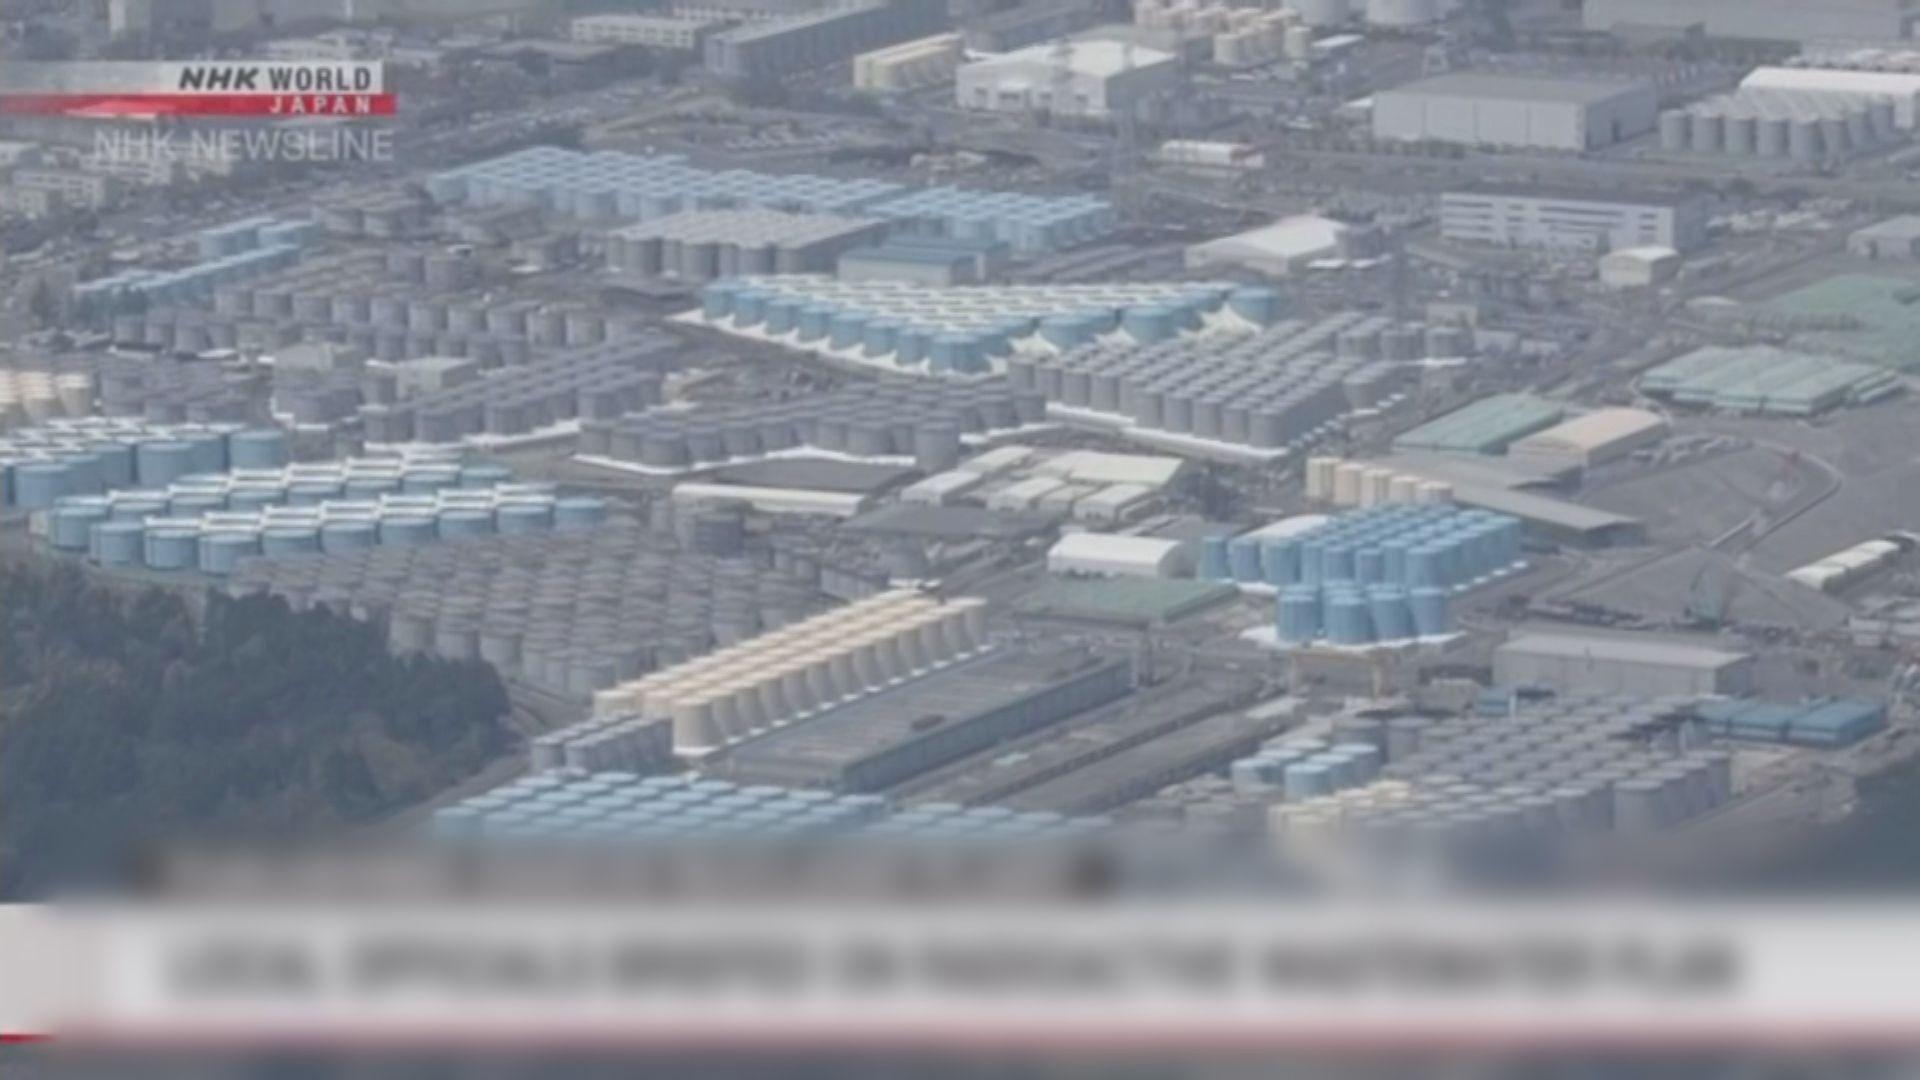 據報日政府已決定排放核污水入海